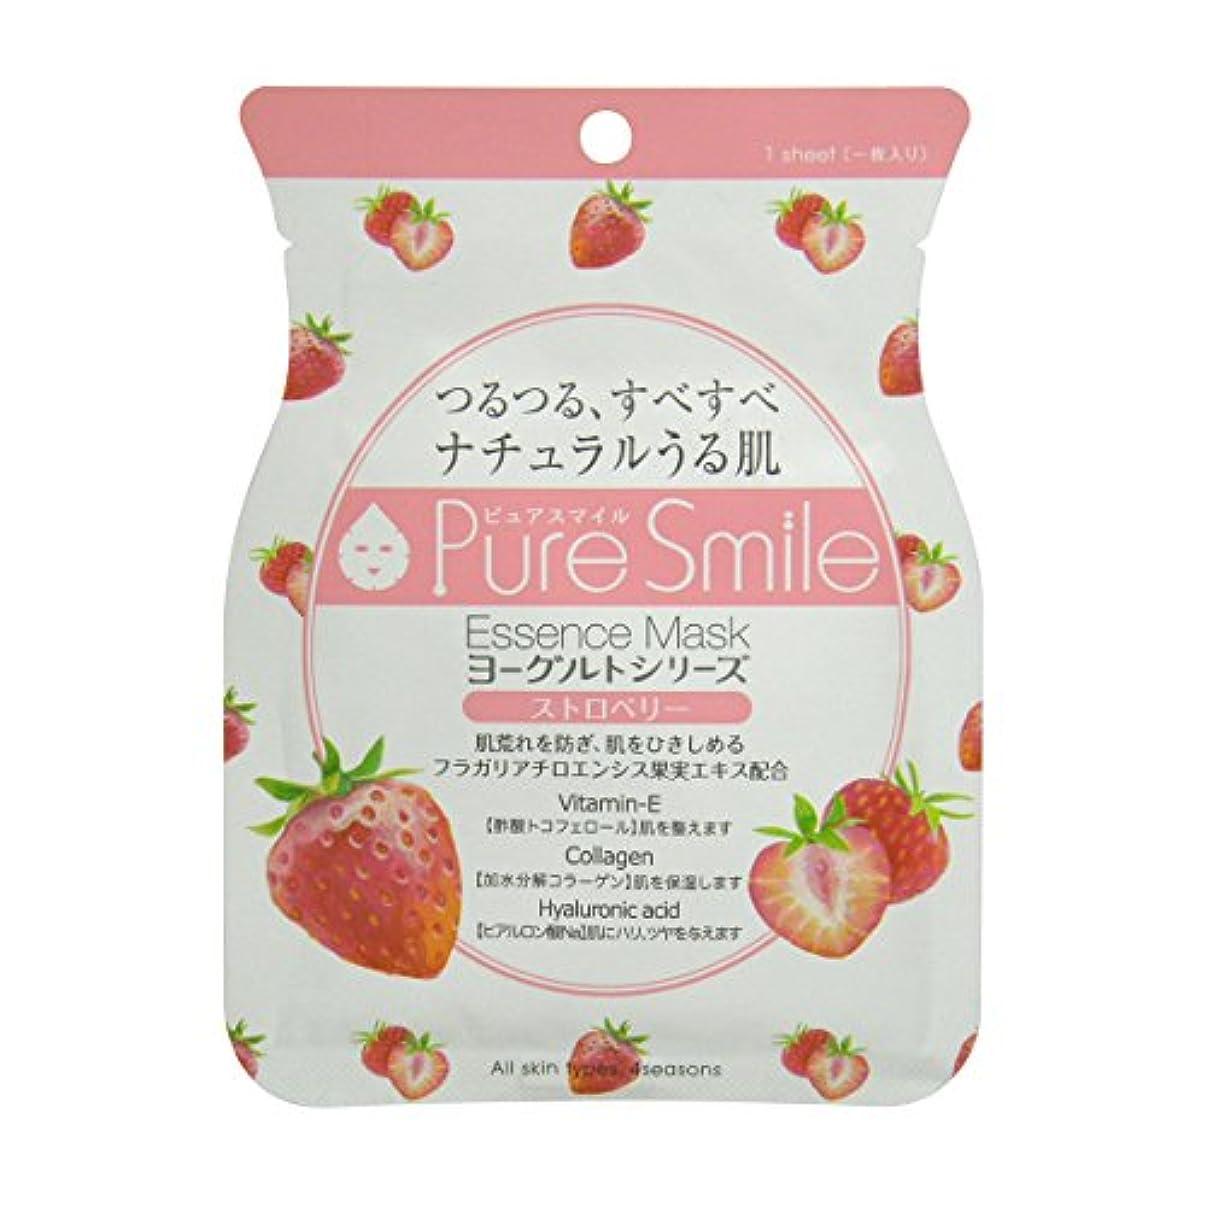 補正する誓約Pure Smile エッセンスマスク ヨーグルトシリーズ ストロベリー 23ml?30枚